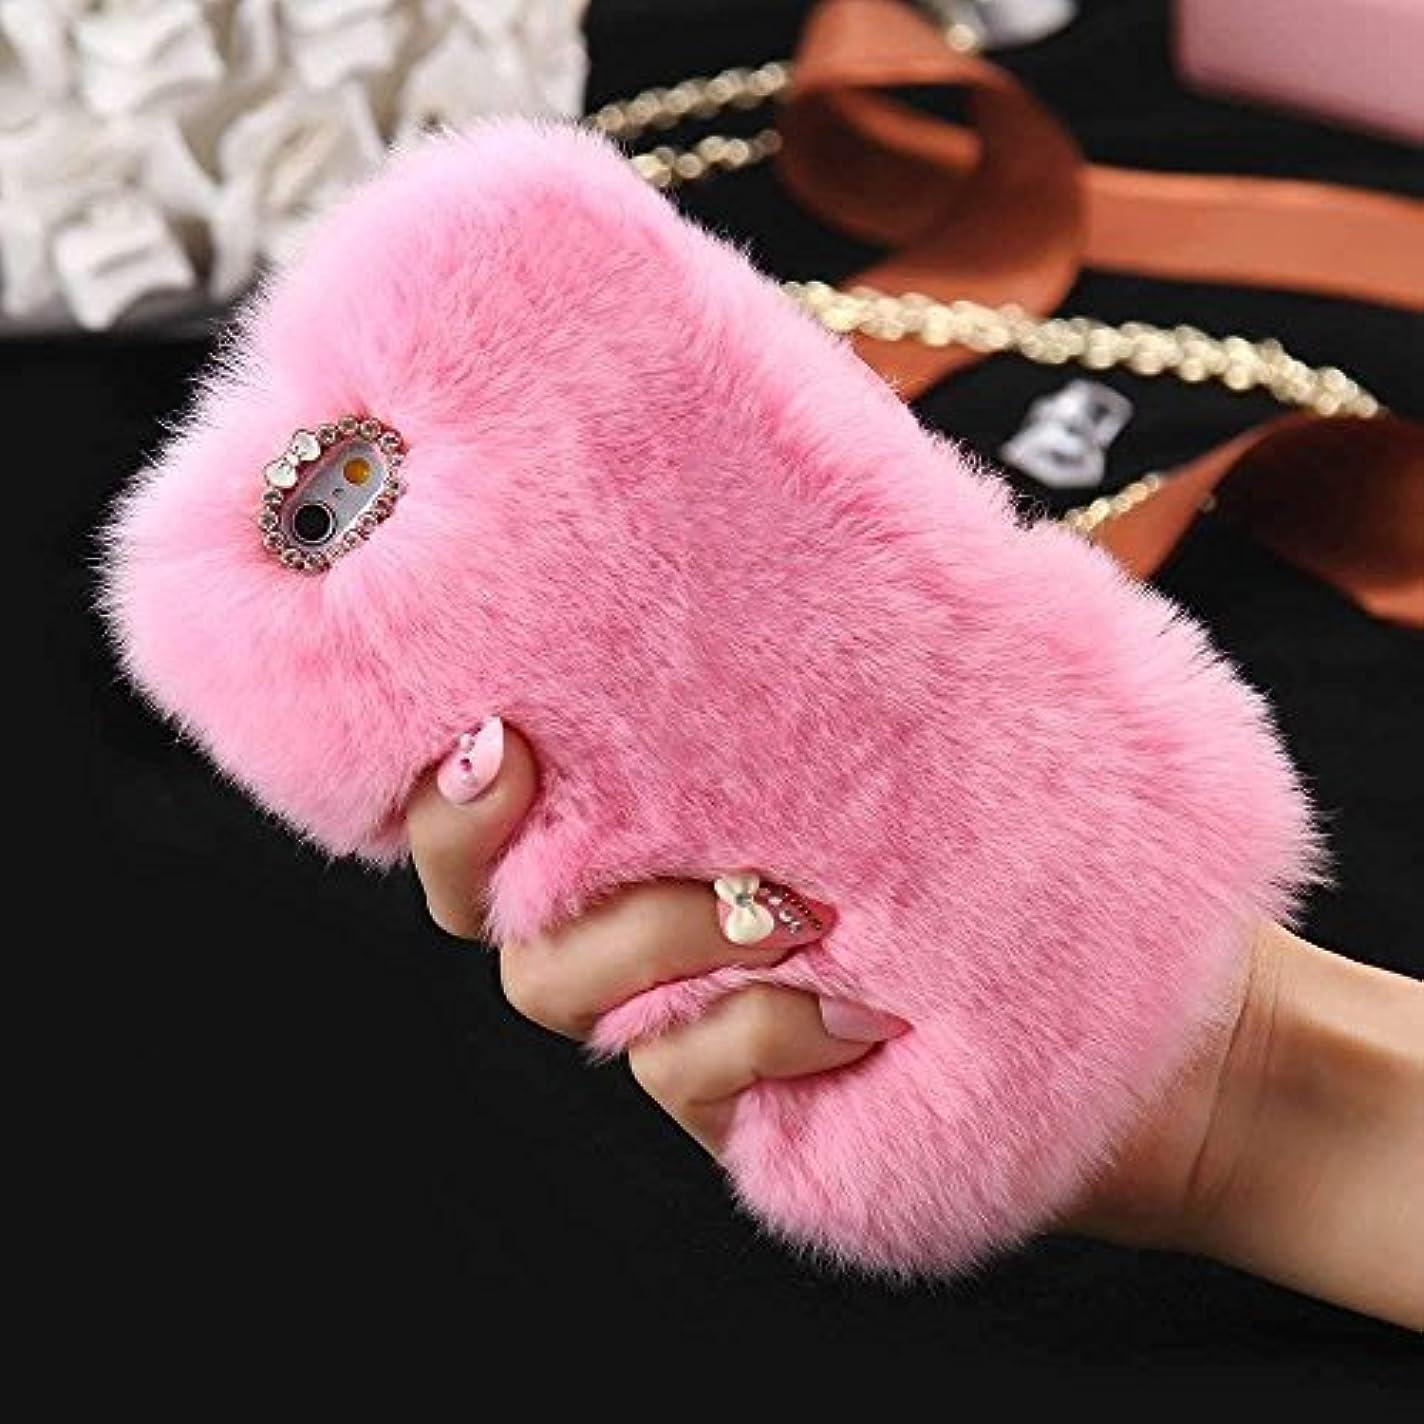 特別なファックスサスペンドiPhone 7 ケース おしゃれ INorton 保護カバー 耐衝撃 軽量 薄型 女の子 かわいい 冬に最適 iPhone 7対応